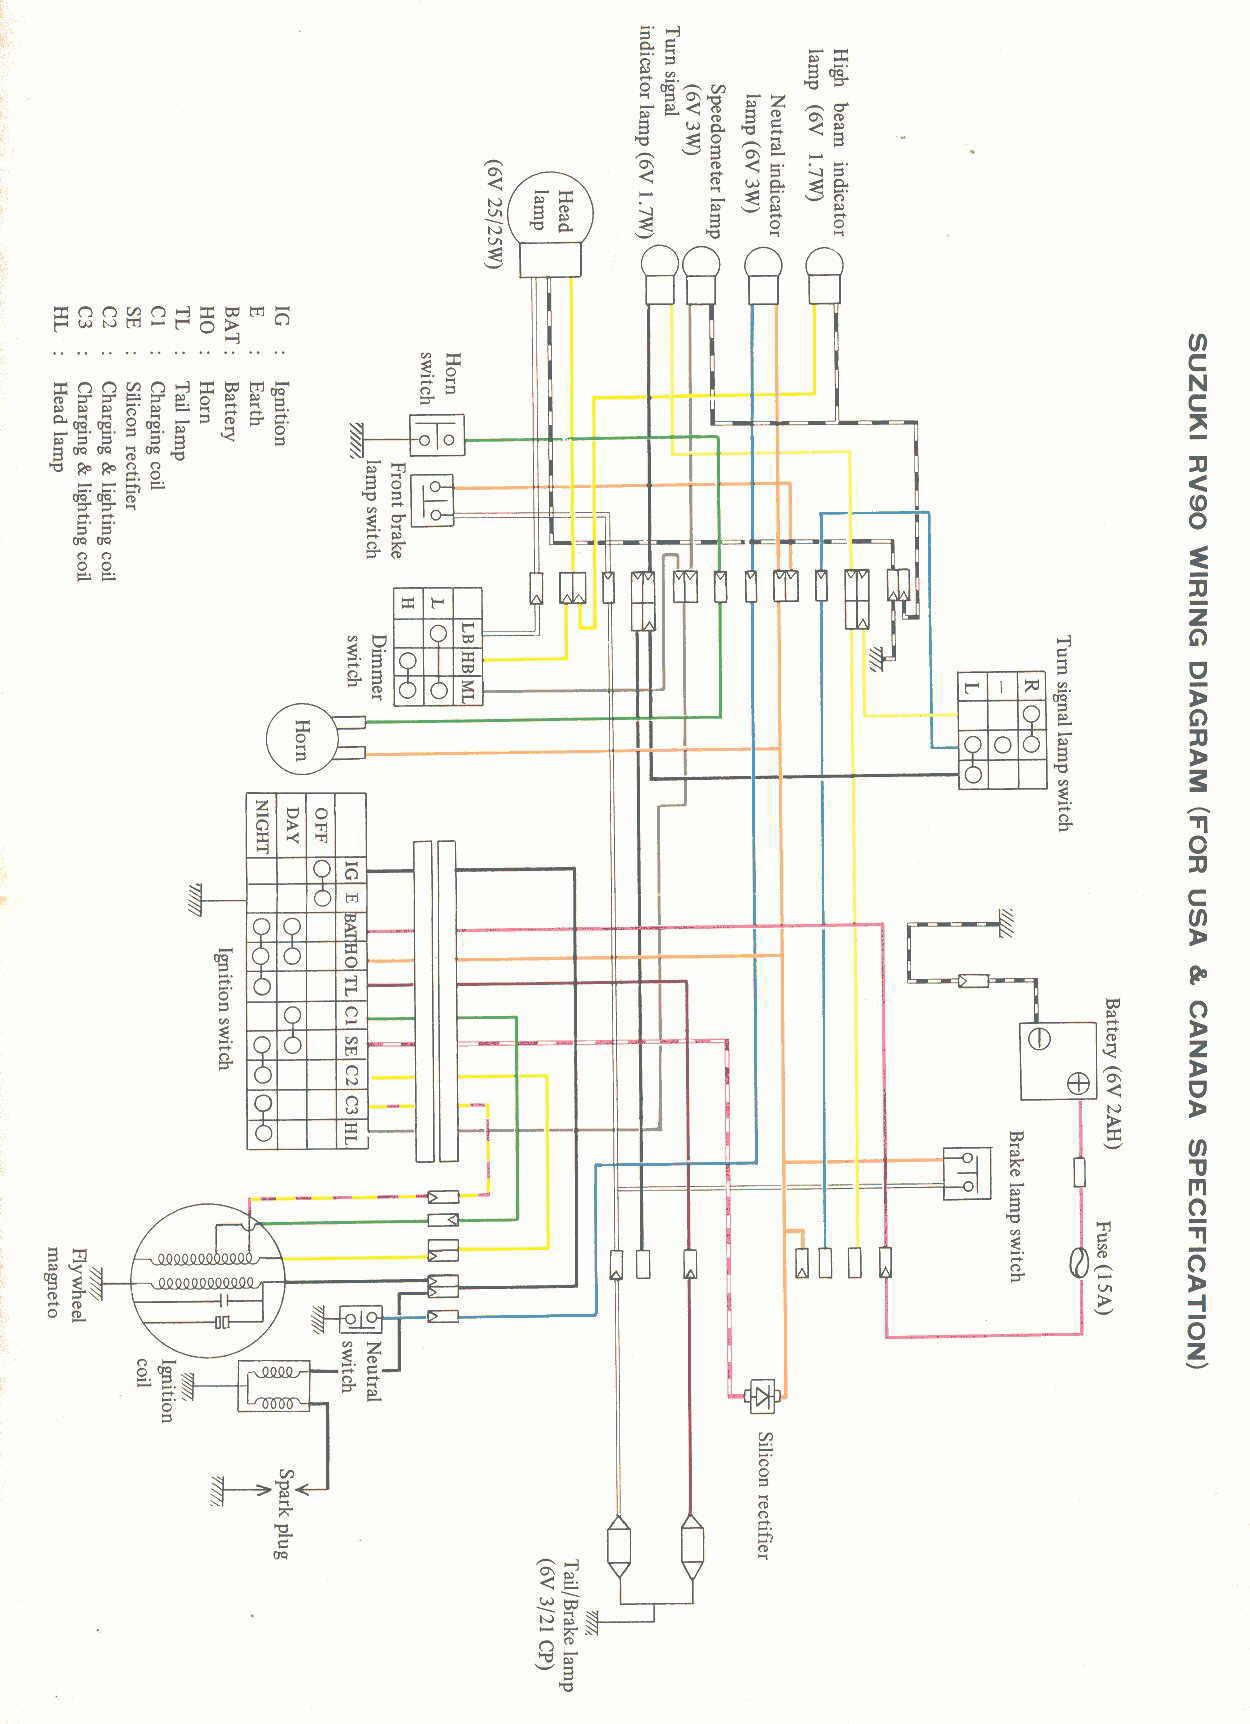 suzuki rv 50 wiring diagram kh 3684  suzuki ts 250 wiring diagram schematic wiring  suzuki ts 250 wiring diagram schematic